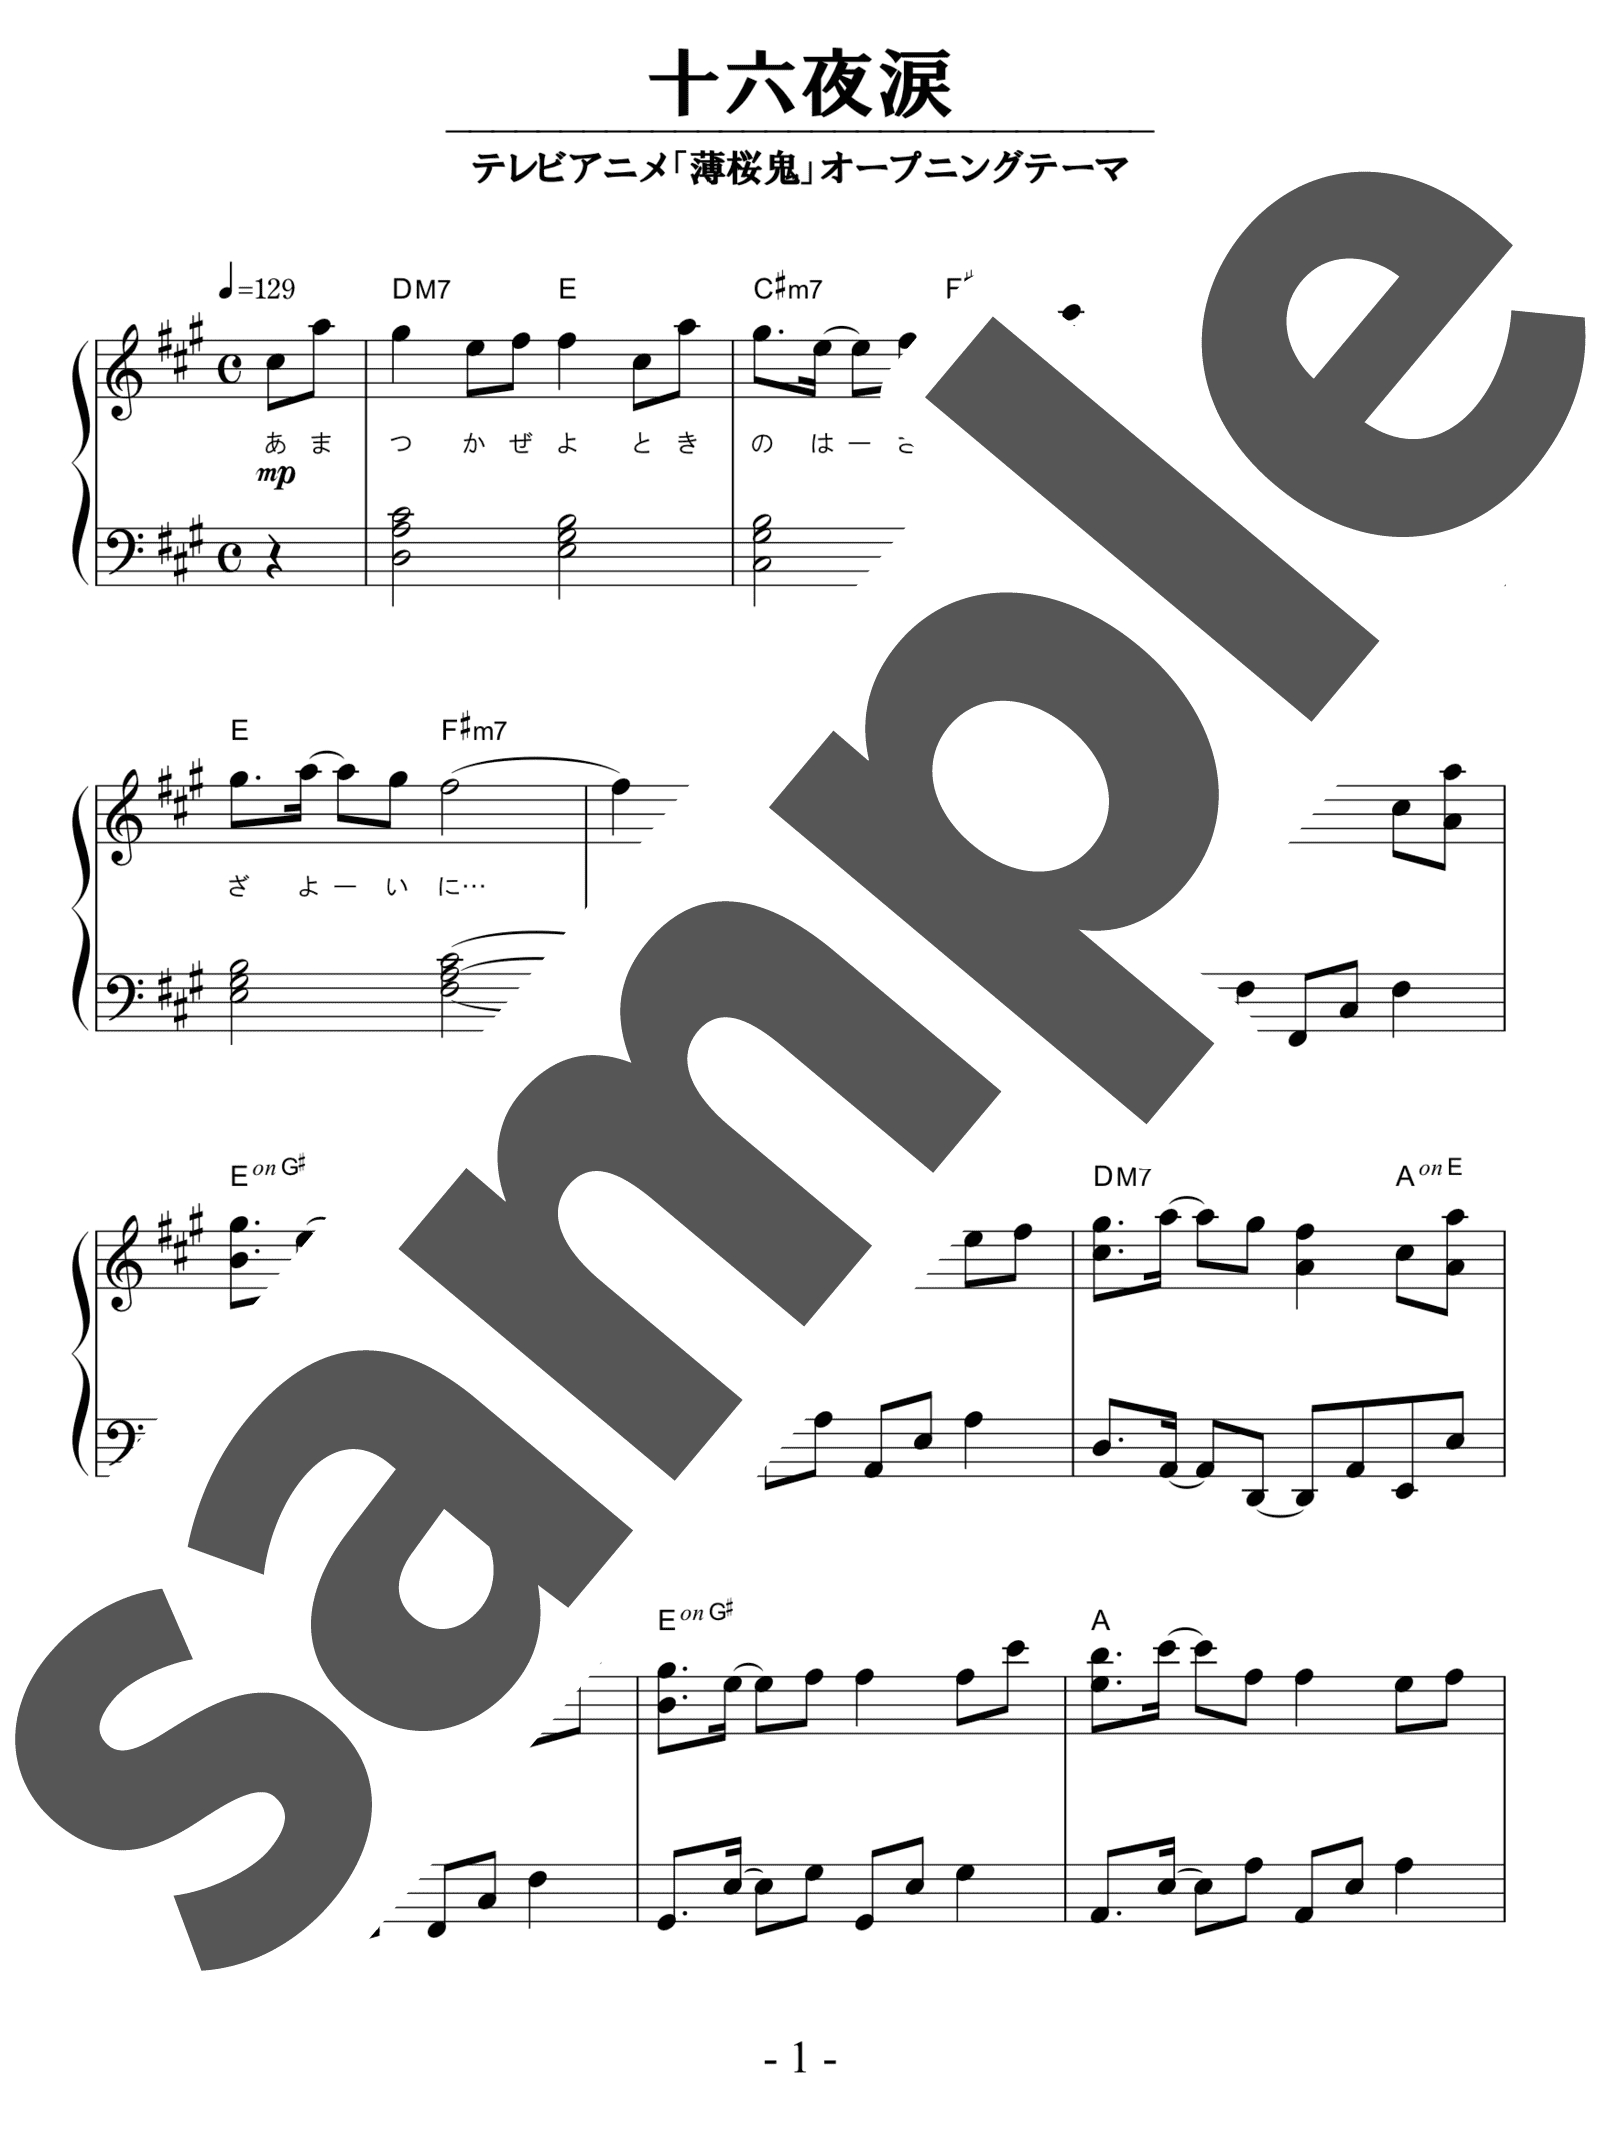 「十六夜涙」のサンプル楽譜